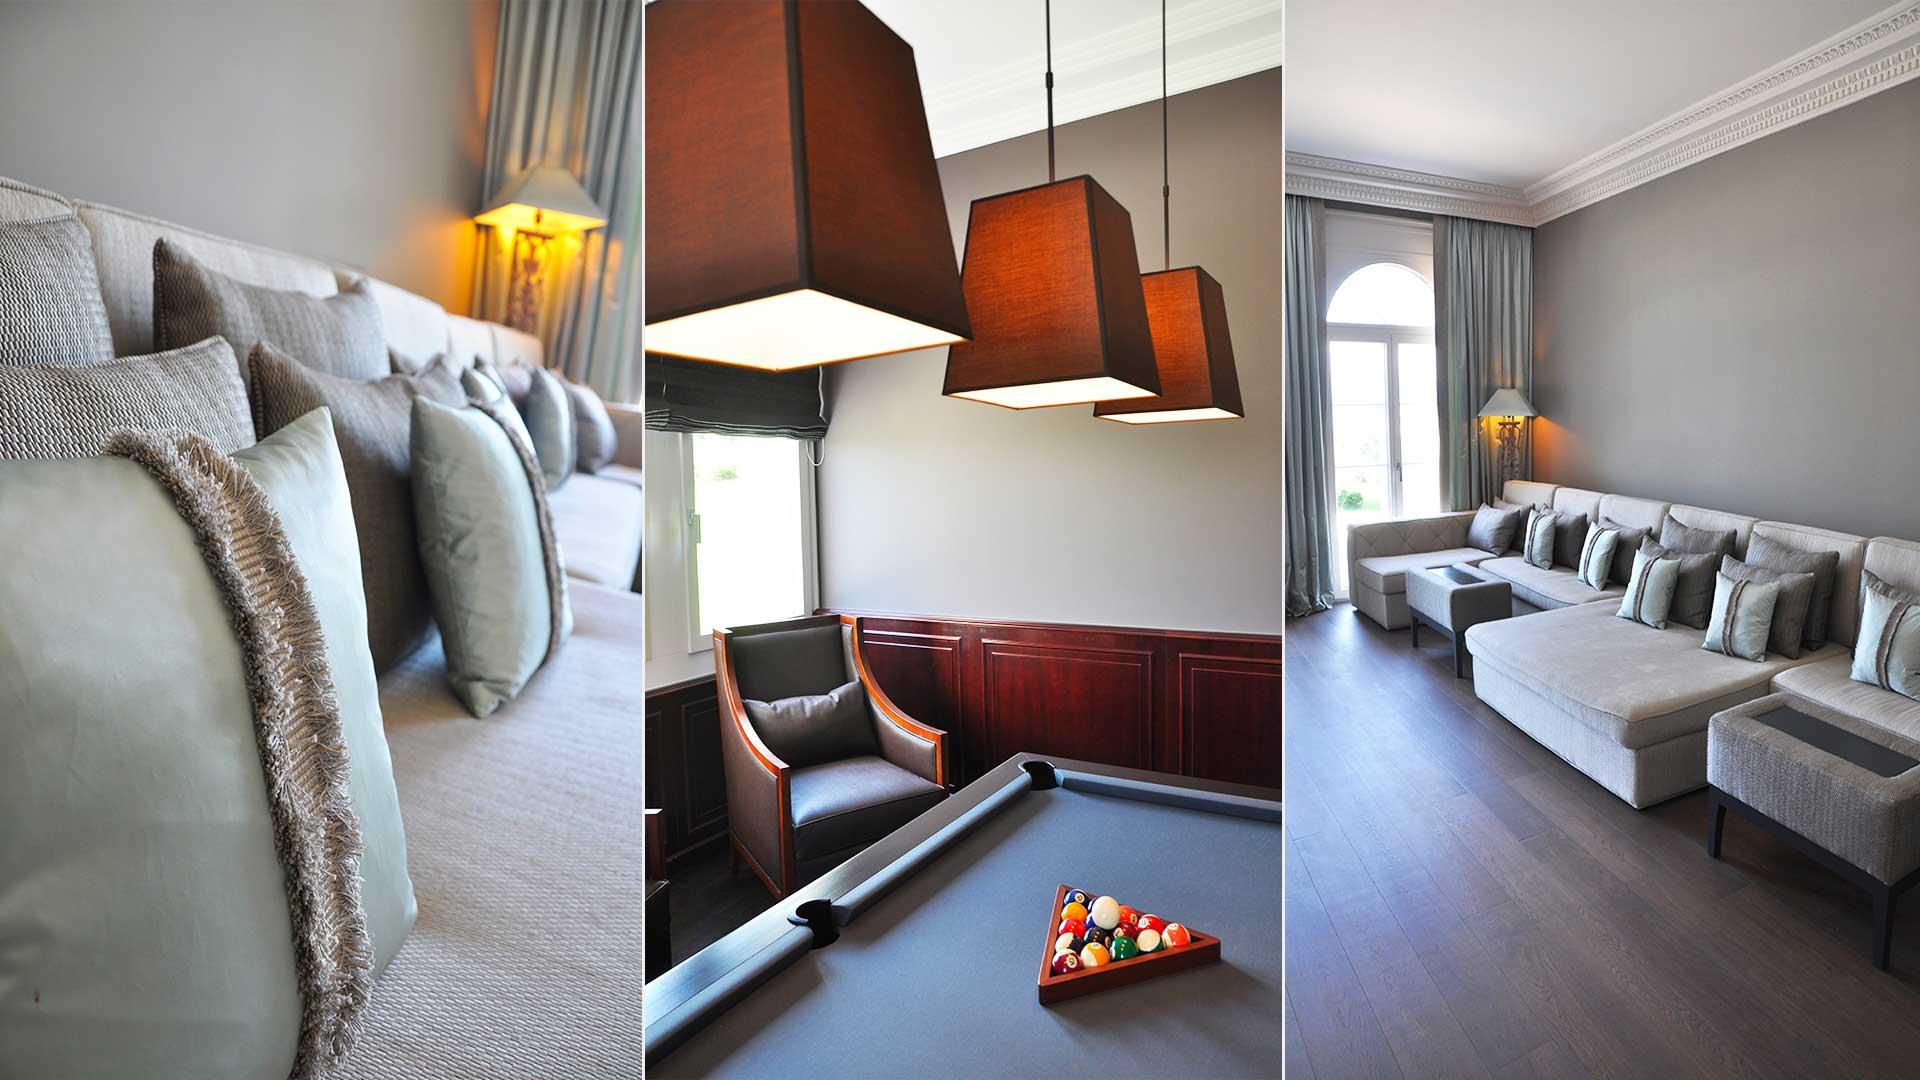 FAMILY-HOUSE-GENEVA-05-Dome-interior-design-Geneve-Suisse